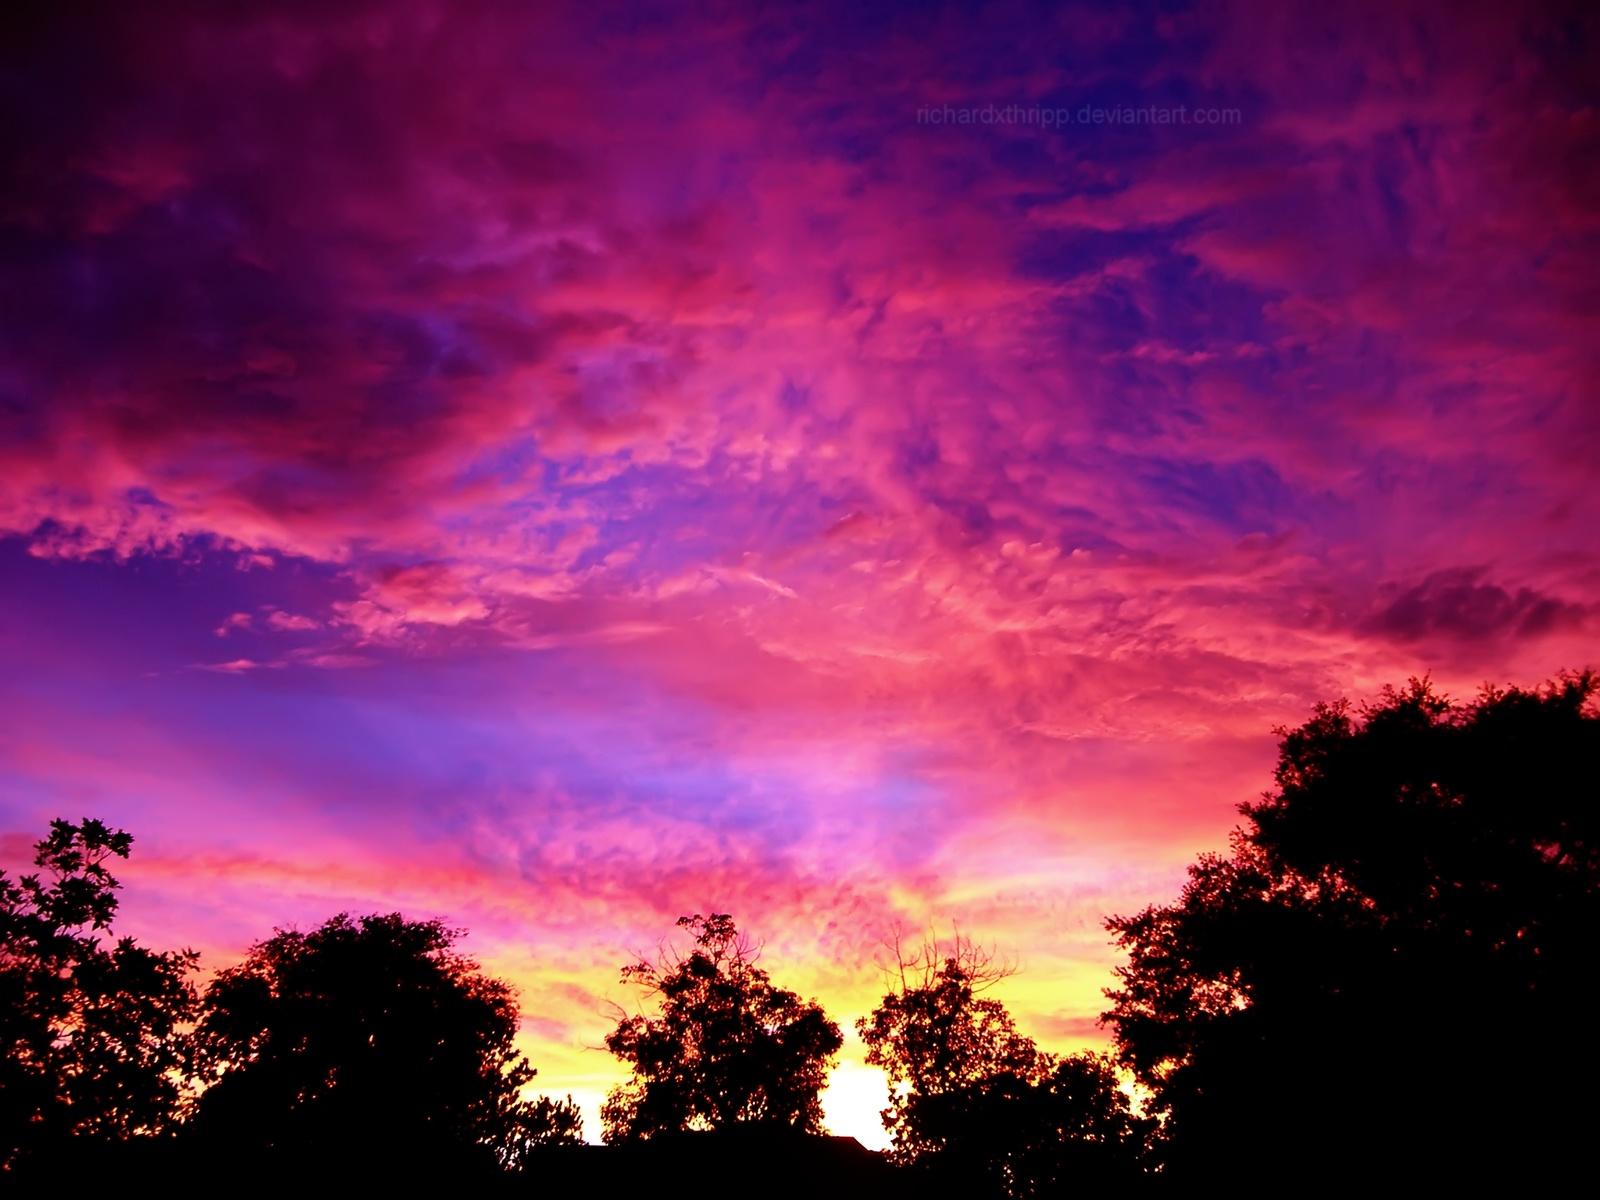 Fiery Pink Sunset 2 Wallpaper by richardxthripp 1600x1200